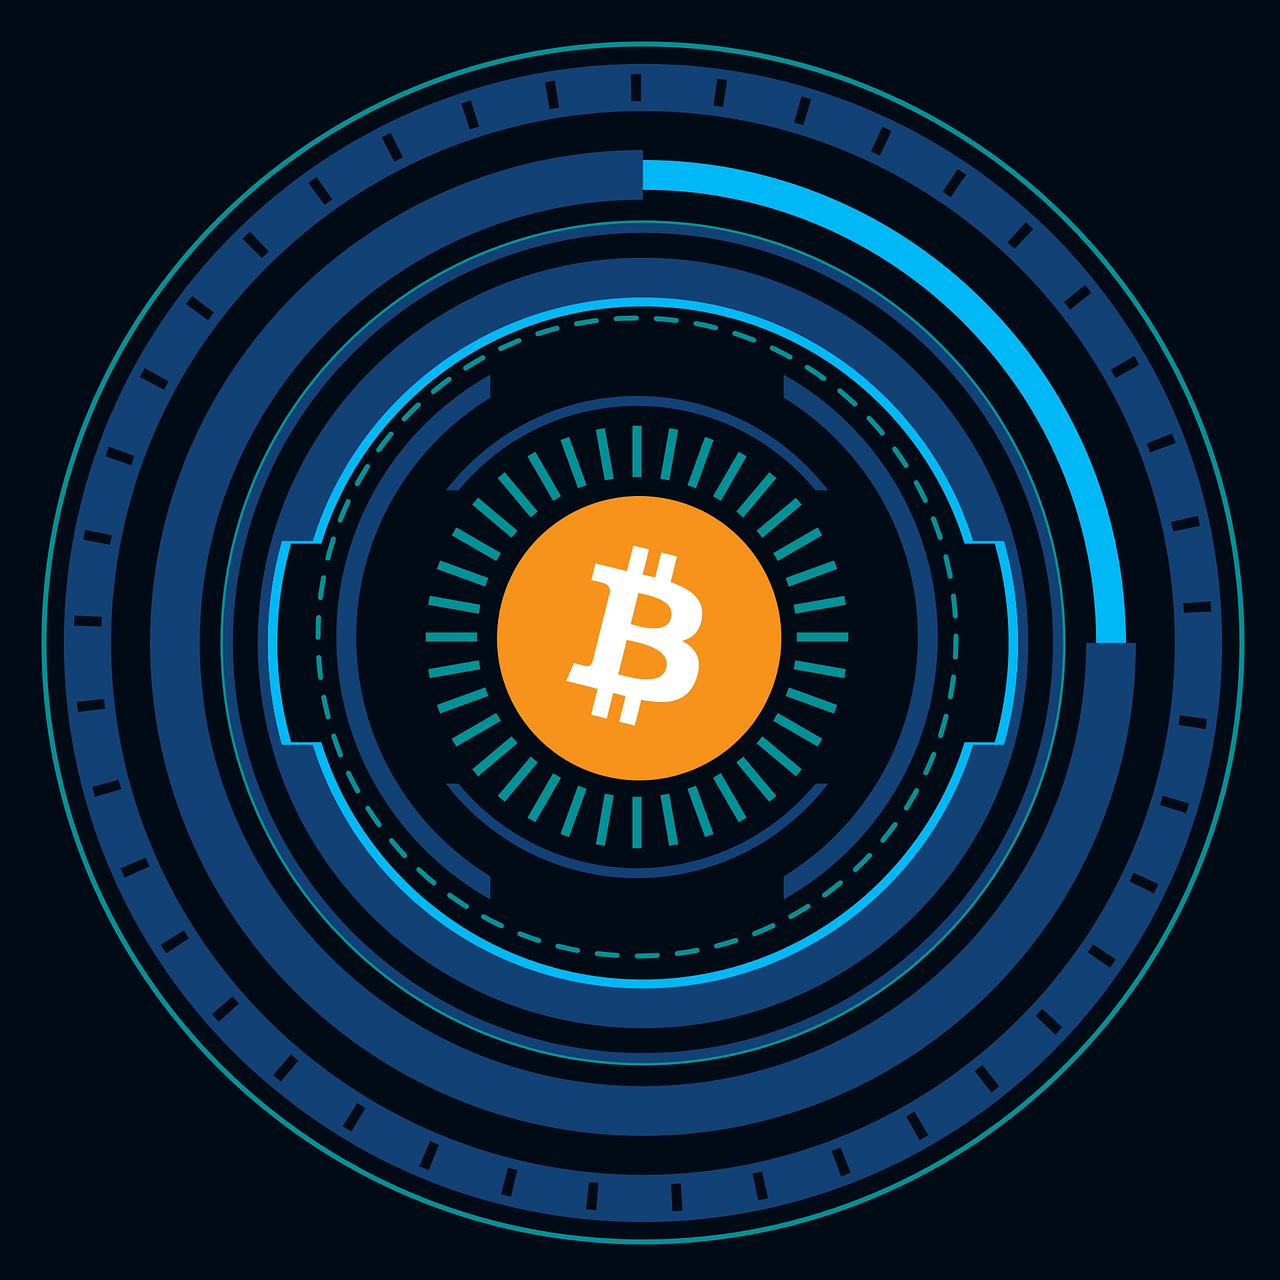 Der richtige Zeitpunkt zum Kauf von Bitcoin